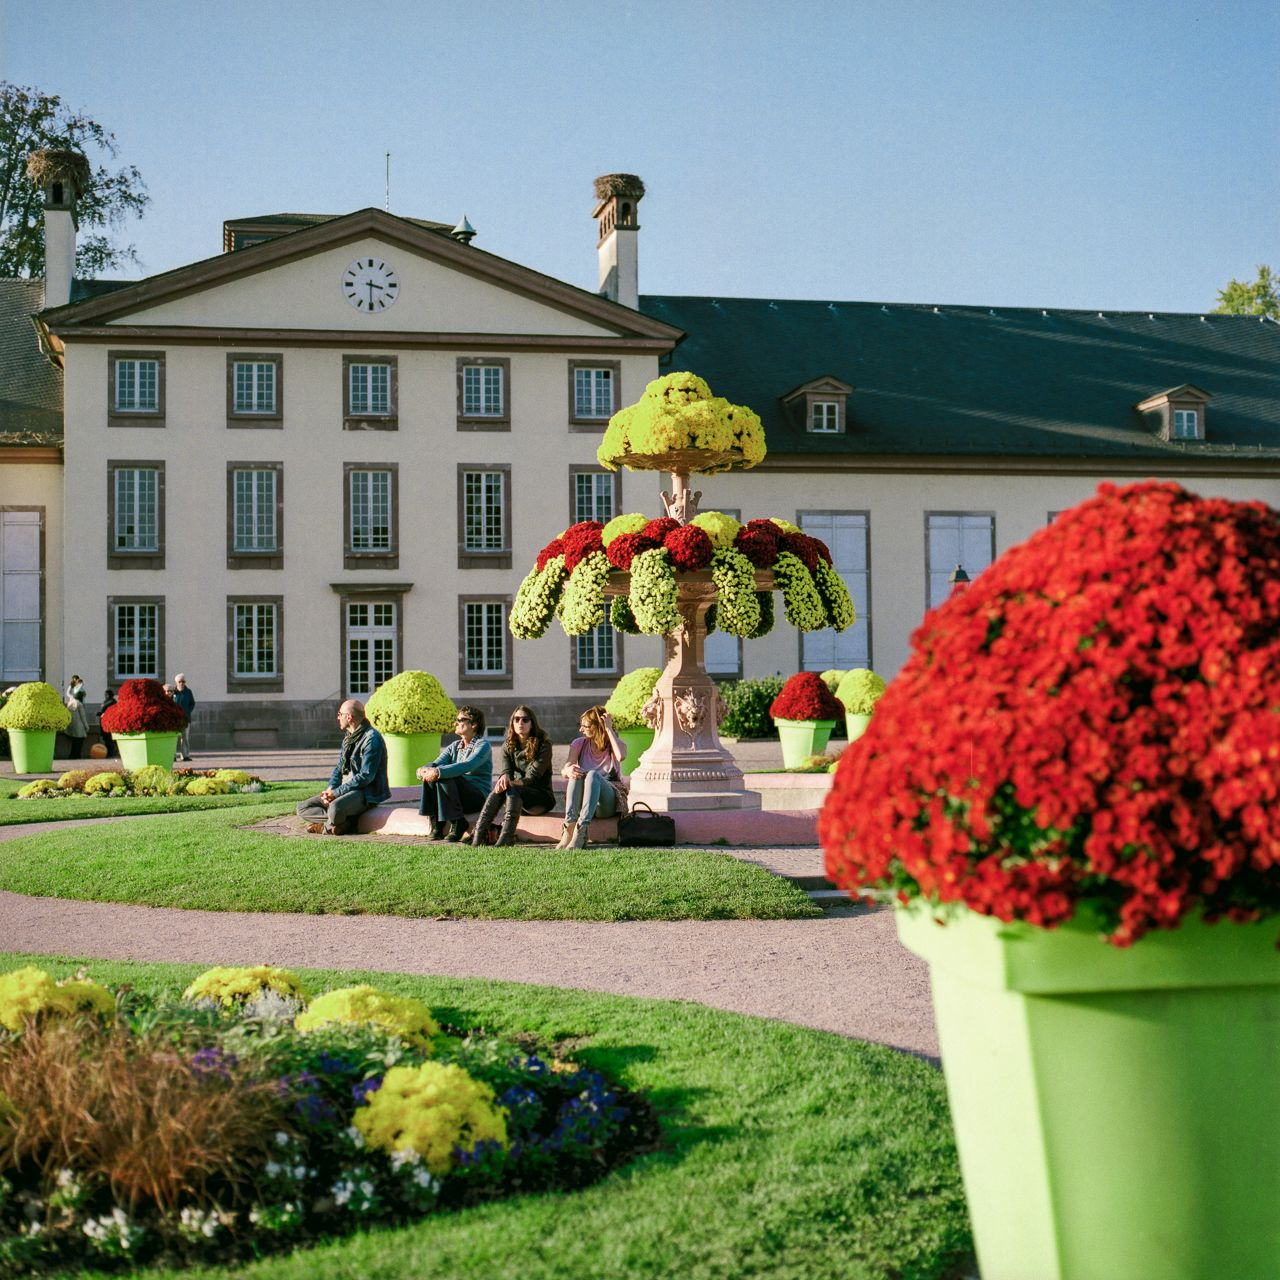 Parc de l'Orangerie - Strasbourg, France